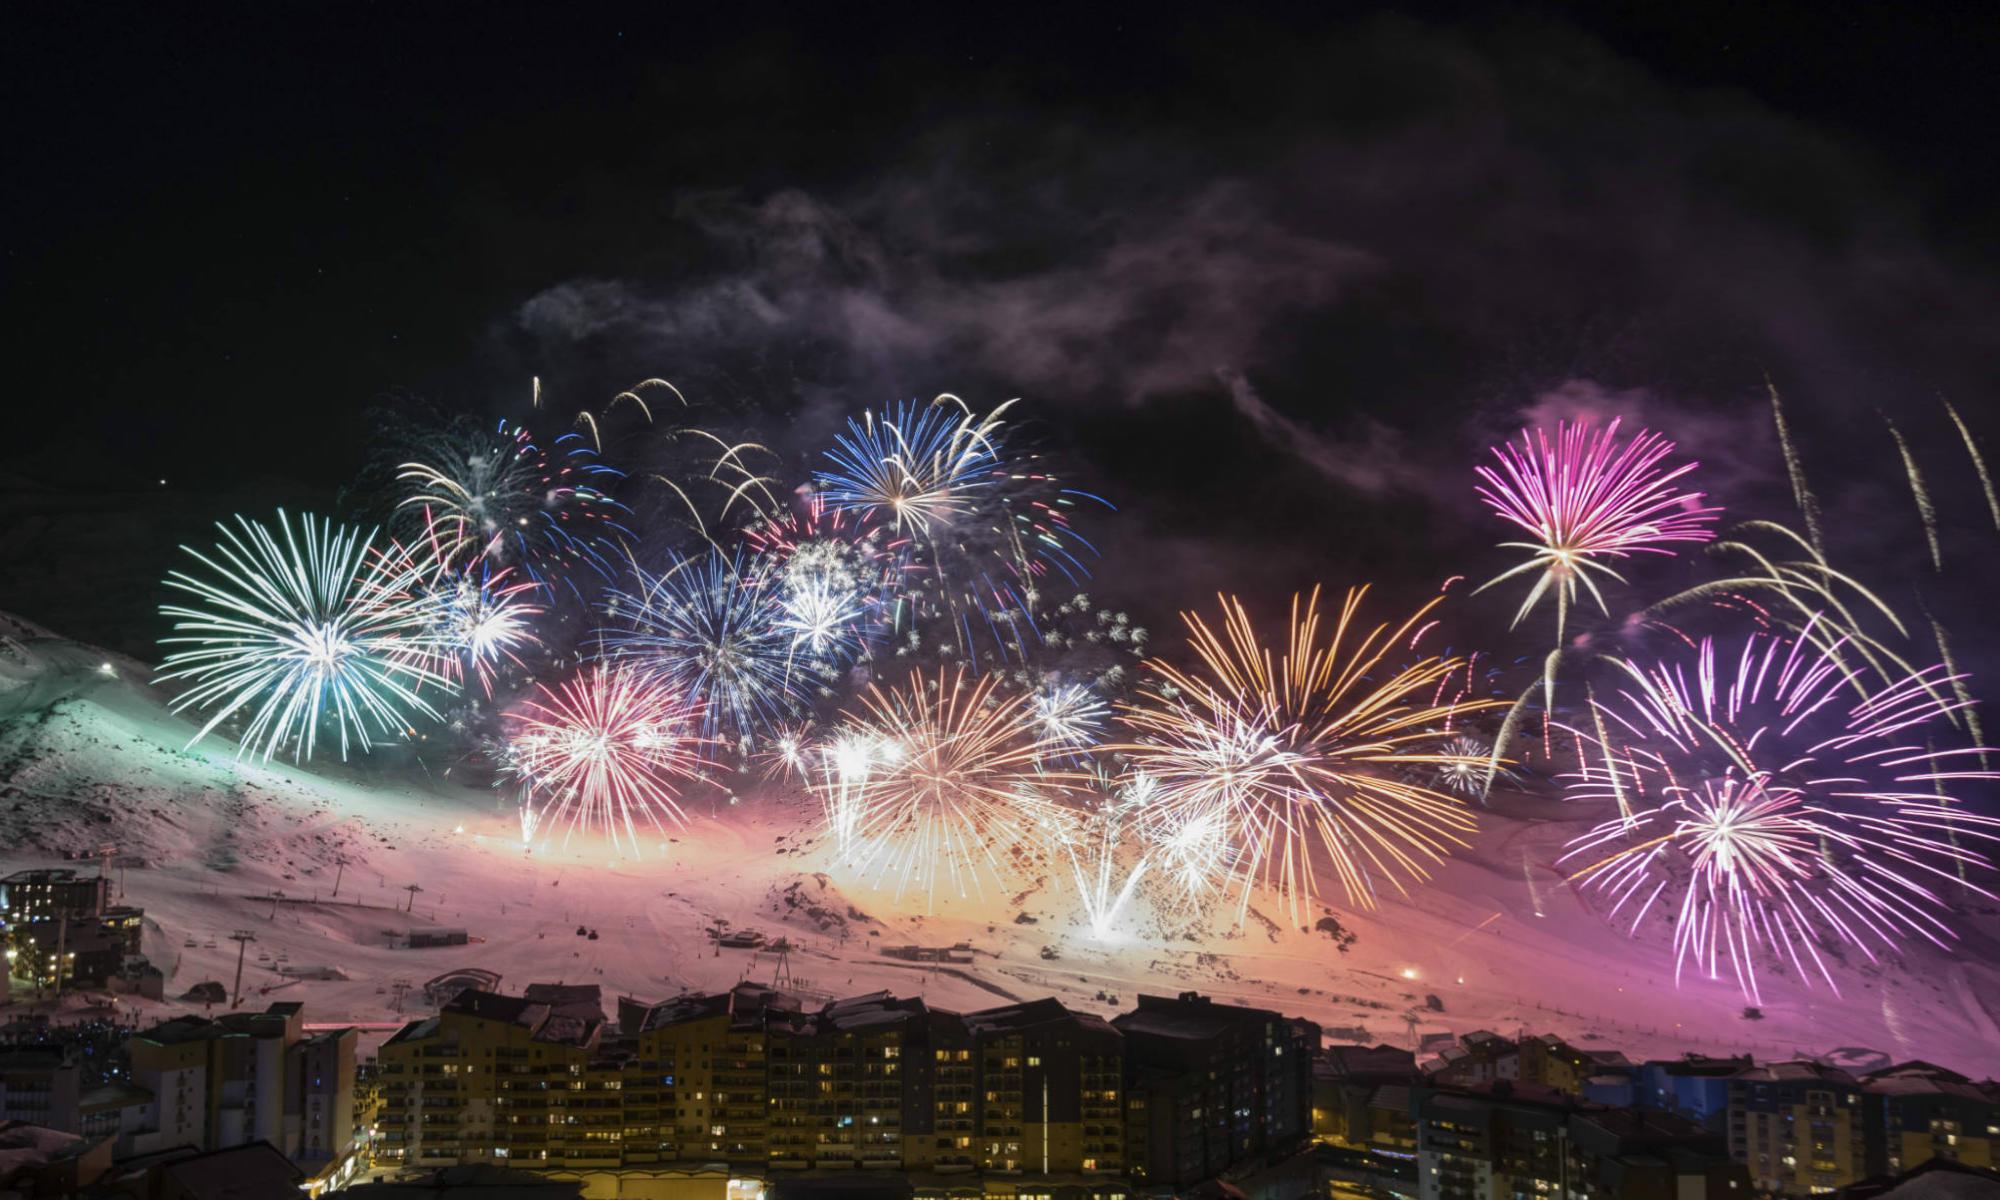 Weihnachts-Feuerwerk über den Dächern von Val Thorens.